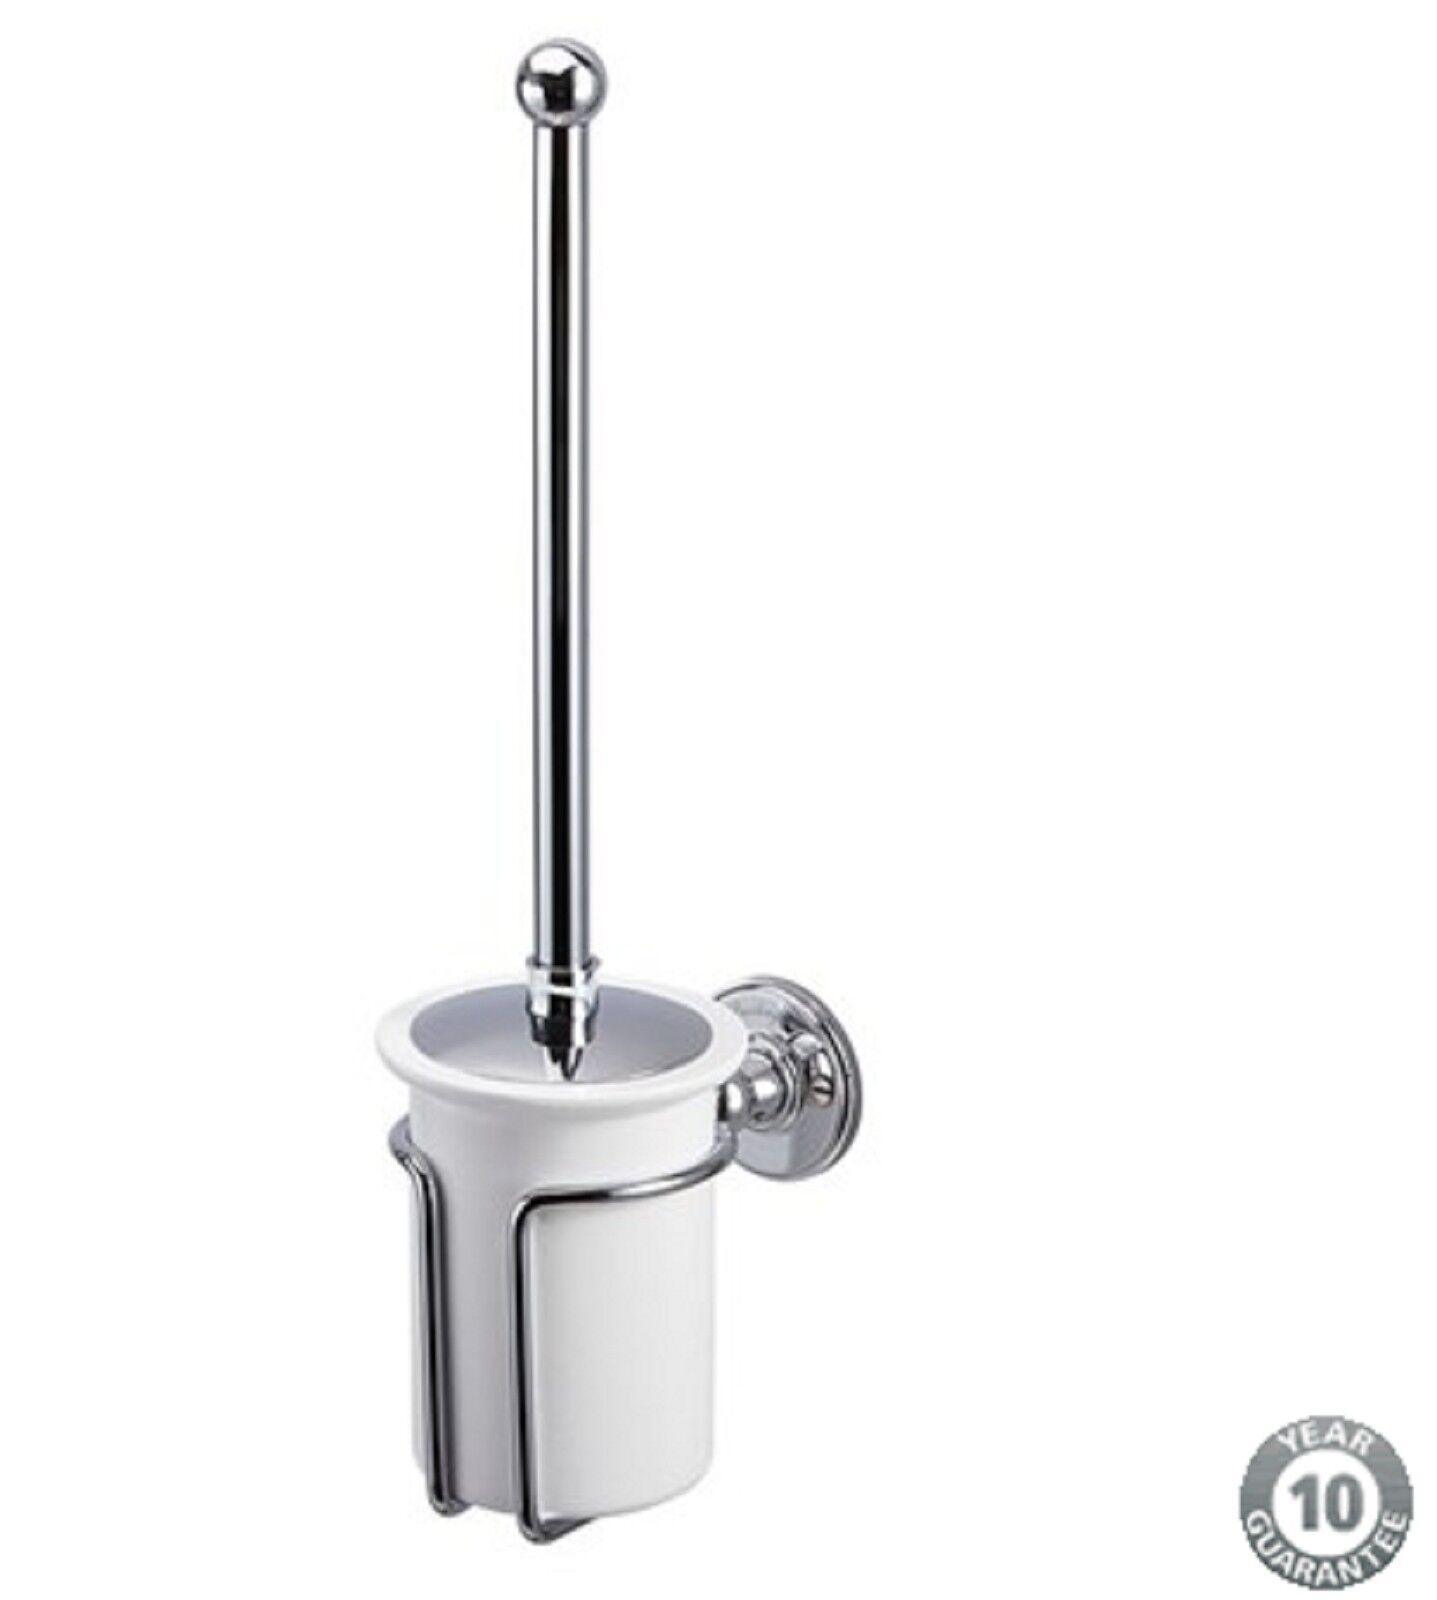 Burlington traditionnel Accessoires Accessoires Accessoires Chrome Porte-rouleaux de papier toilette Porte-savon robe crochet | La Mode De  34fa45